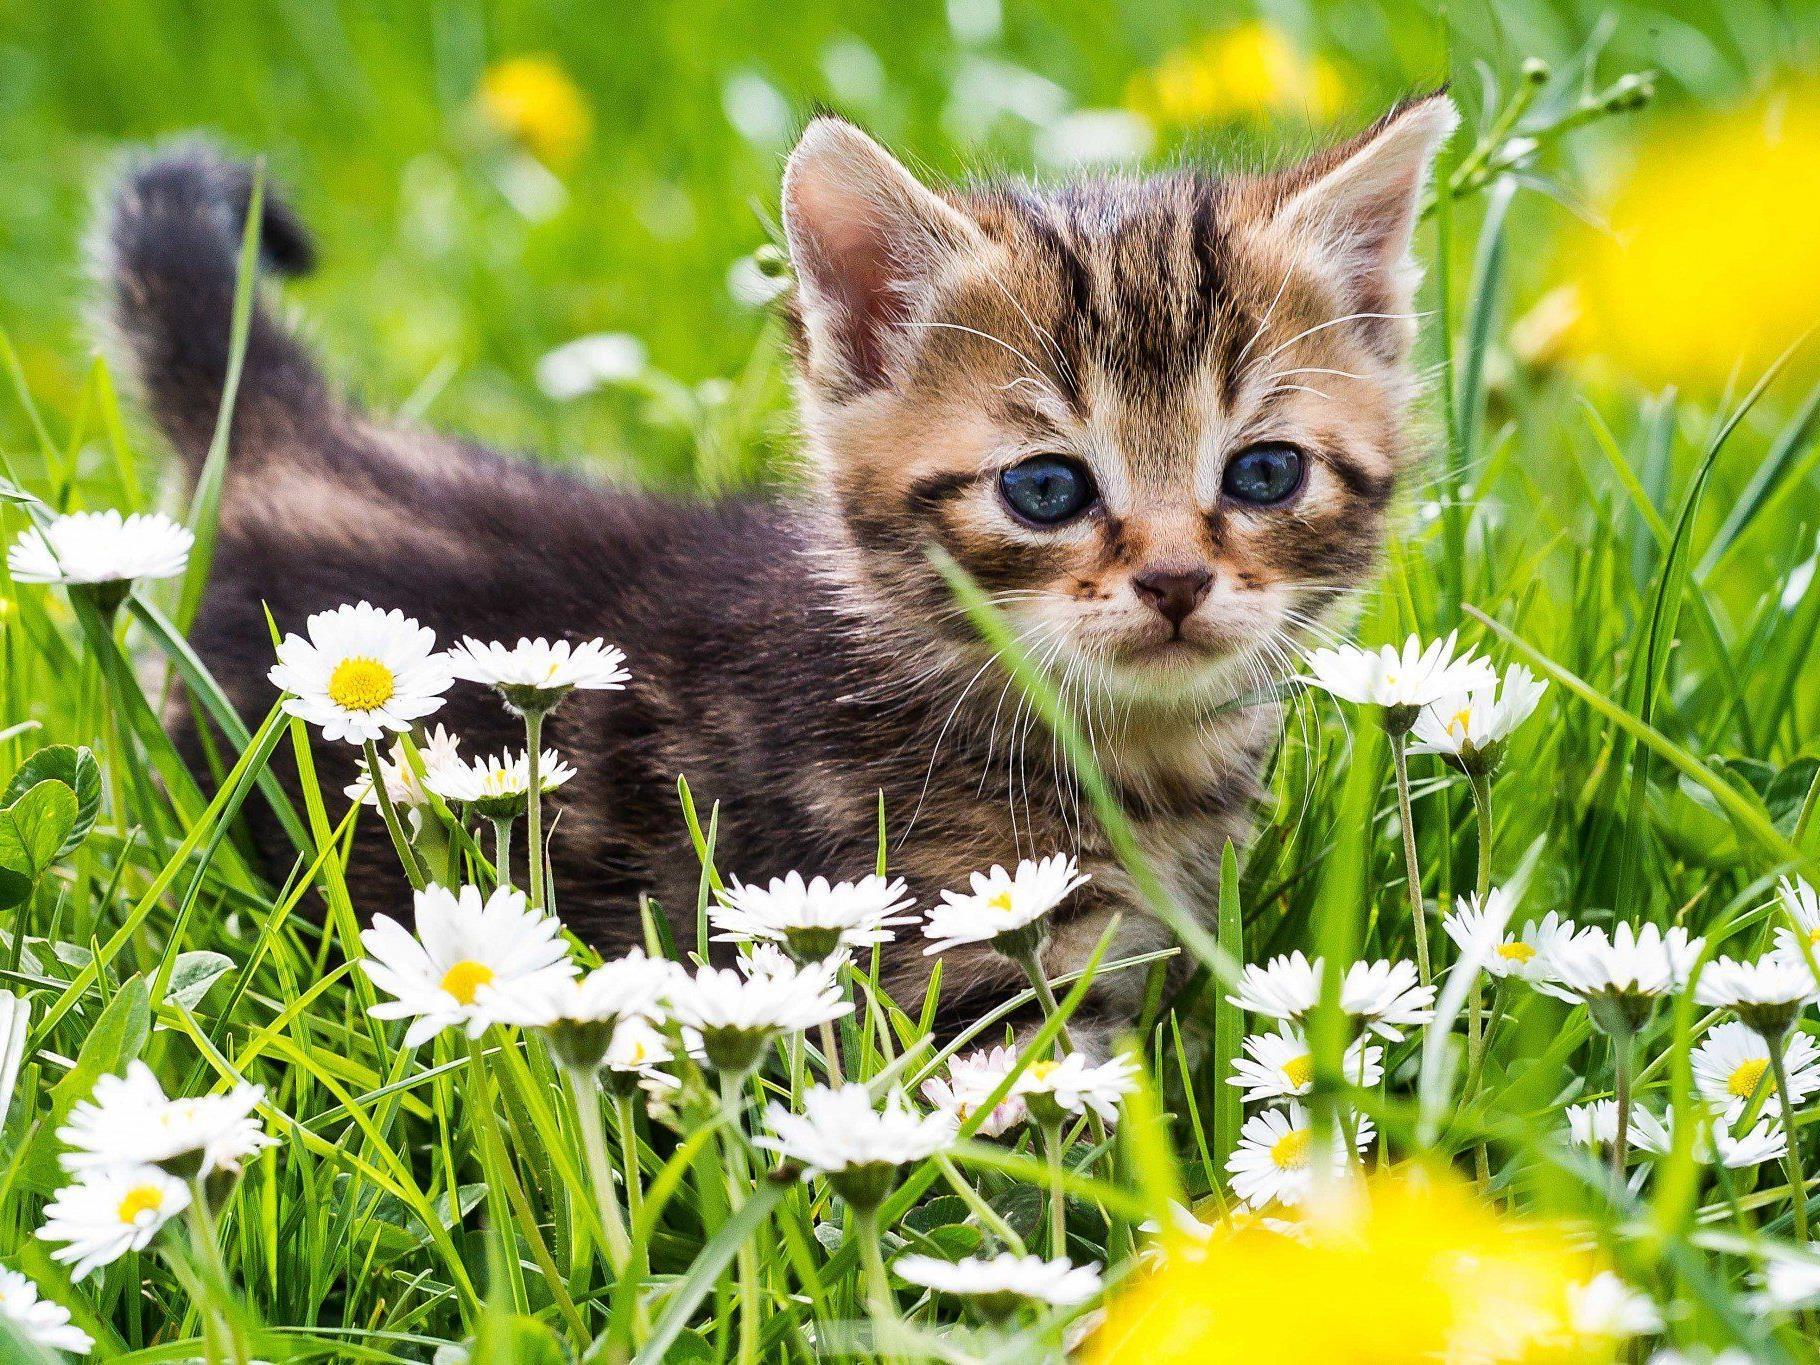 Am 8. August ist Tag der Katze: Die wichtigsten Fakten über unsere Schmusetiger.